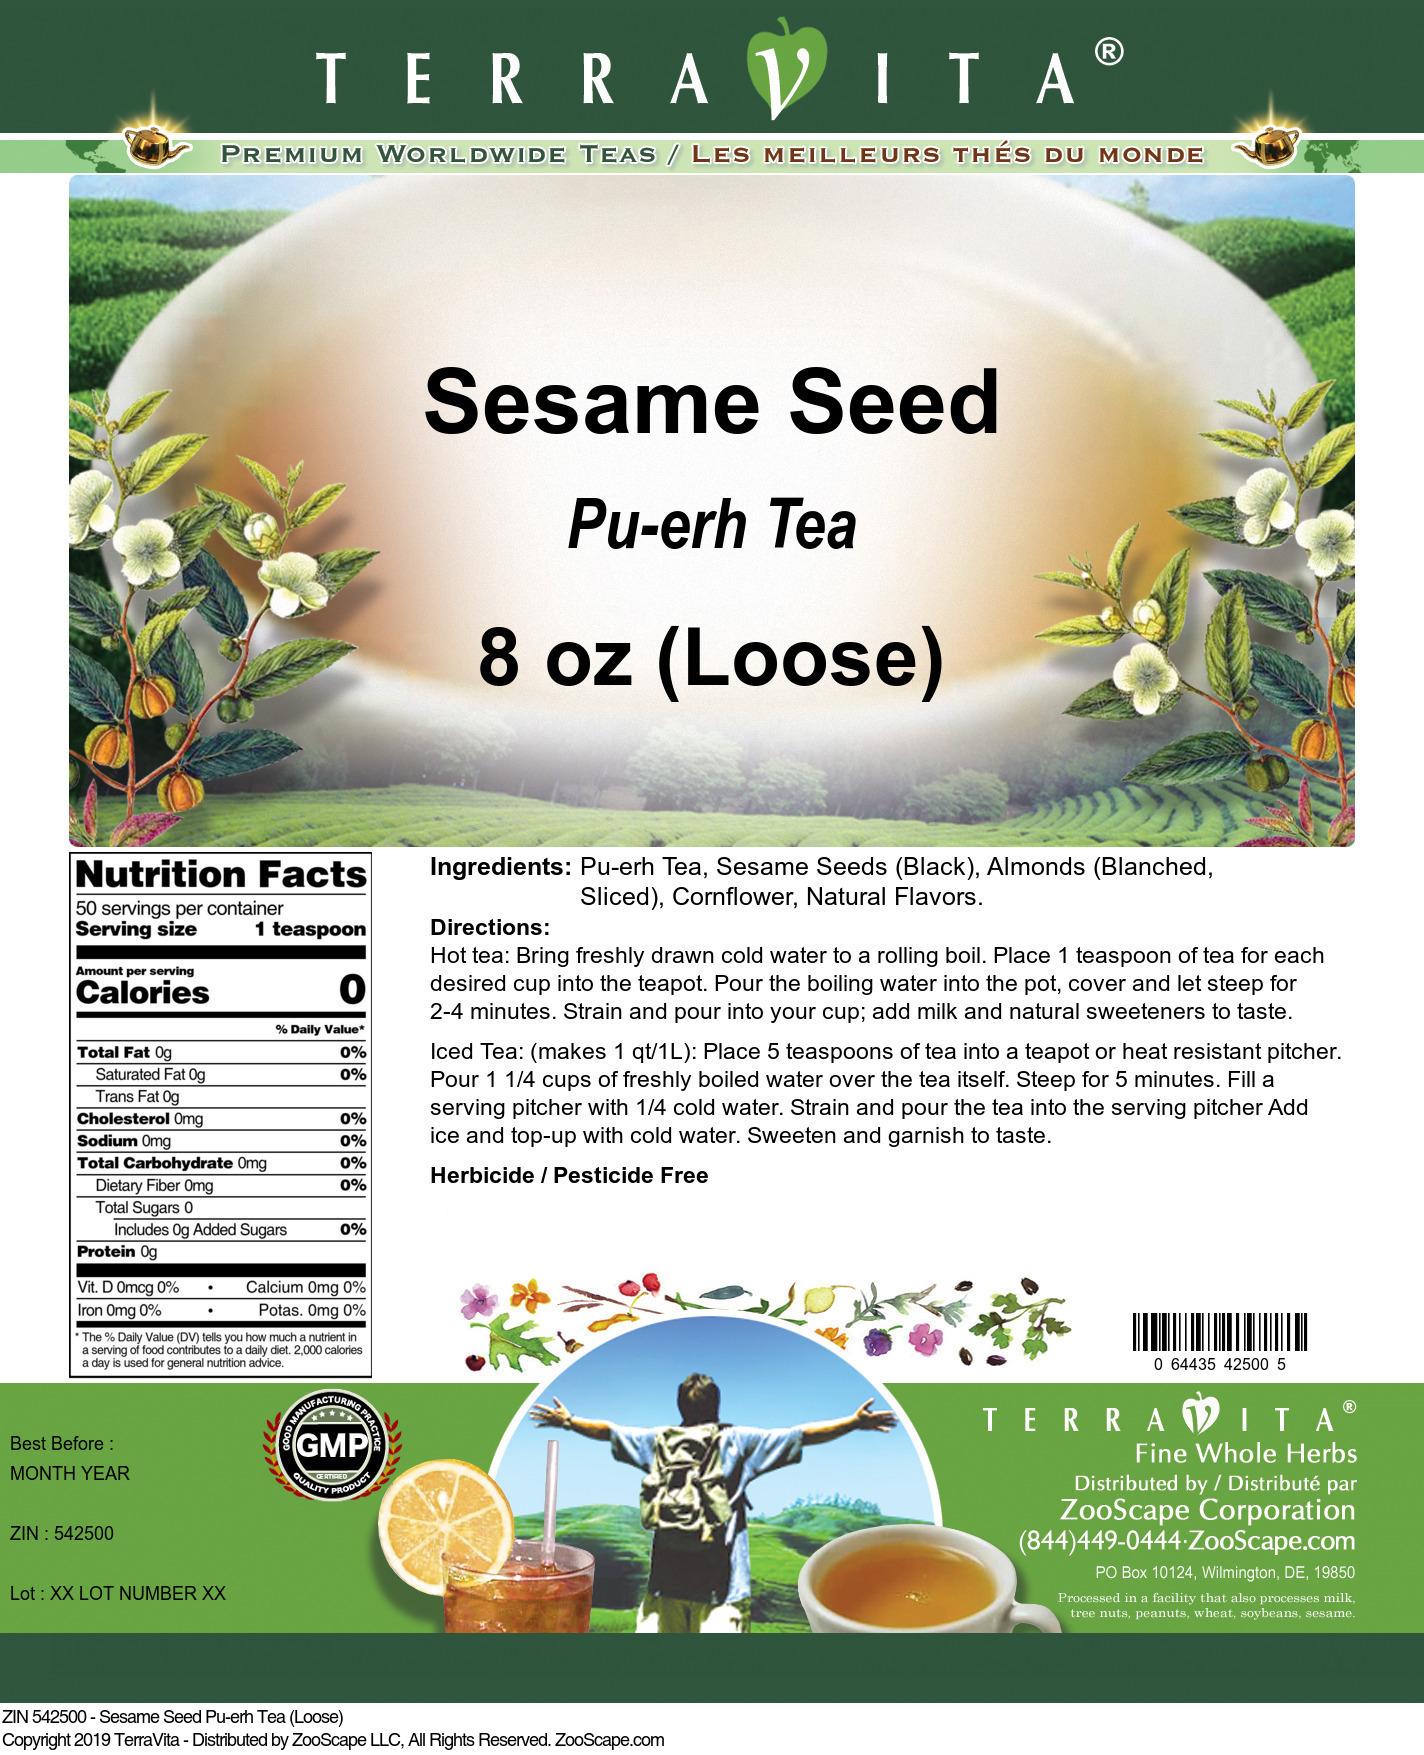 Sesame Seed Pu-erh Tea (Loose)